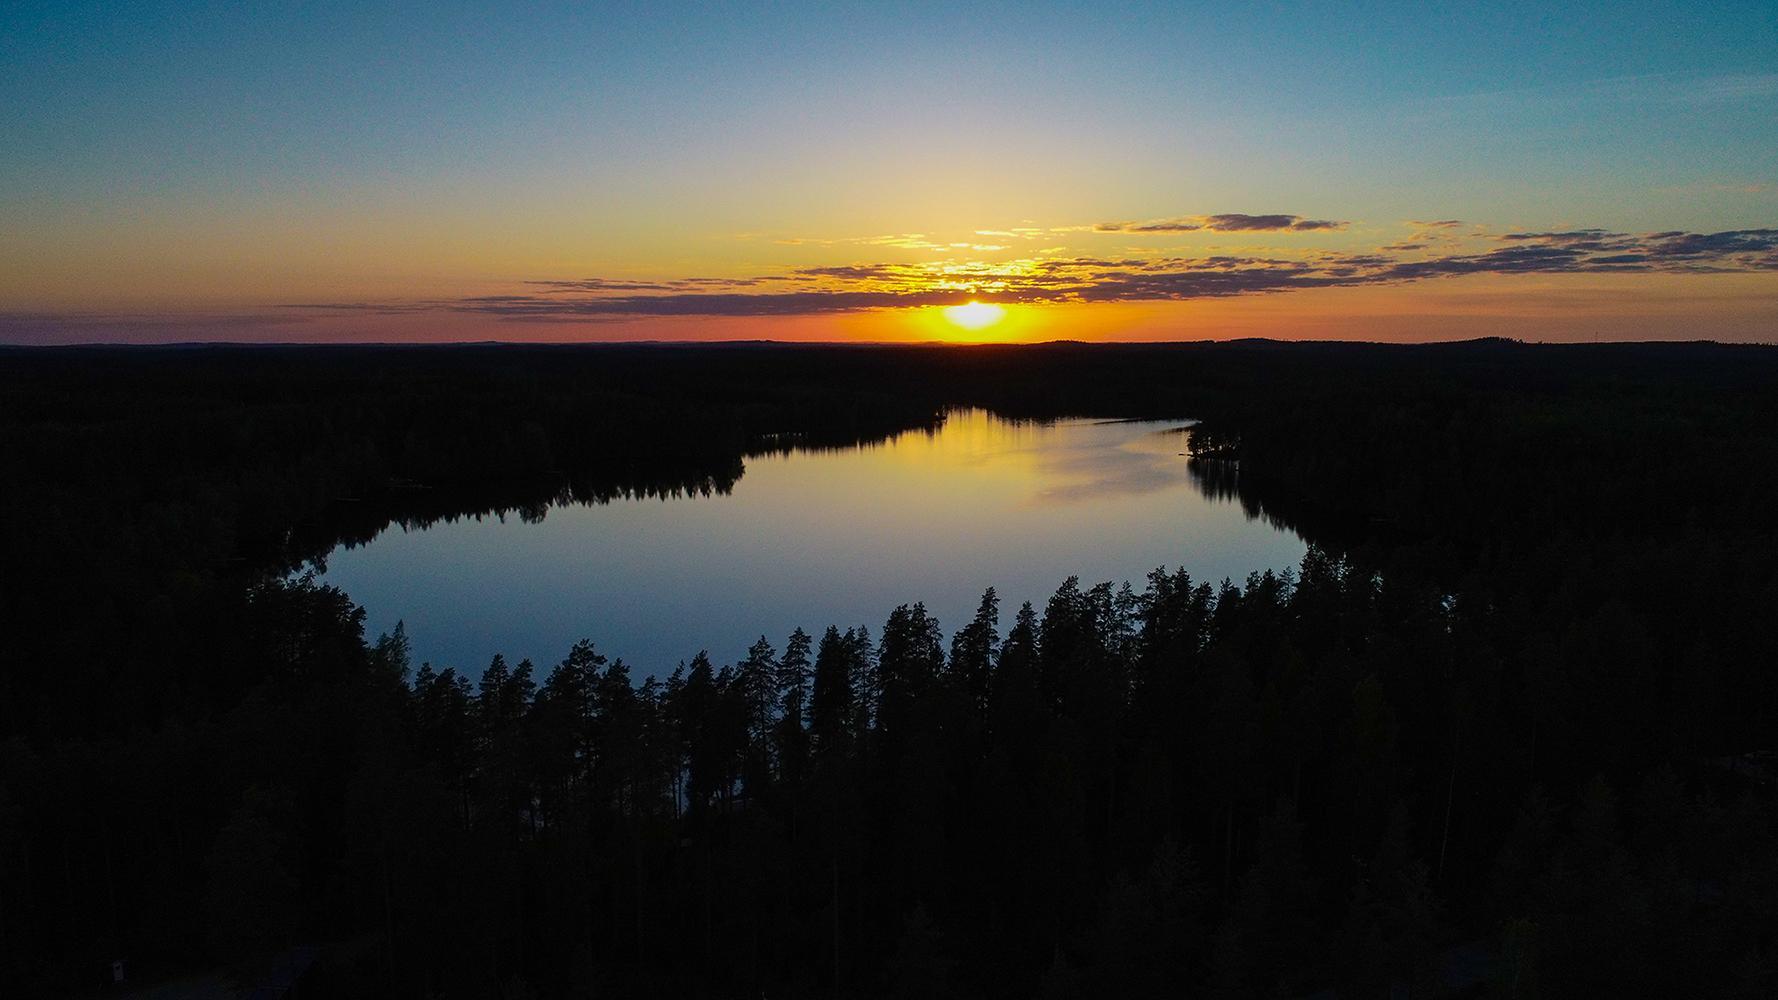 Valokuvaaja Timo Ahola - Drone-ilmakuvaus - Pannujärvi - Hämeenlinna Tuulos (c) Valokuvaaja Timo Ahola